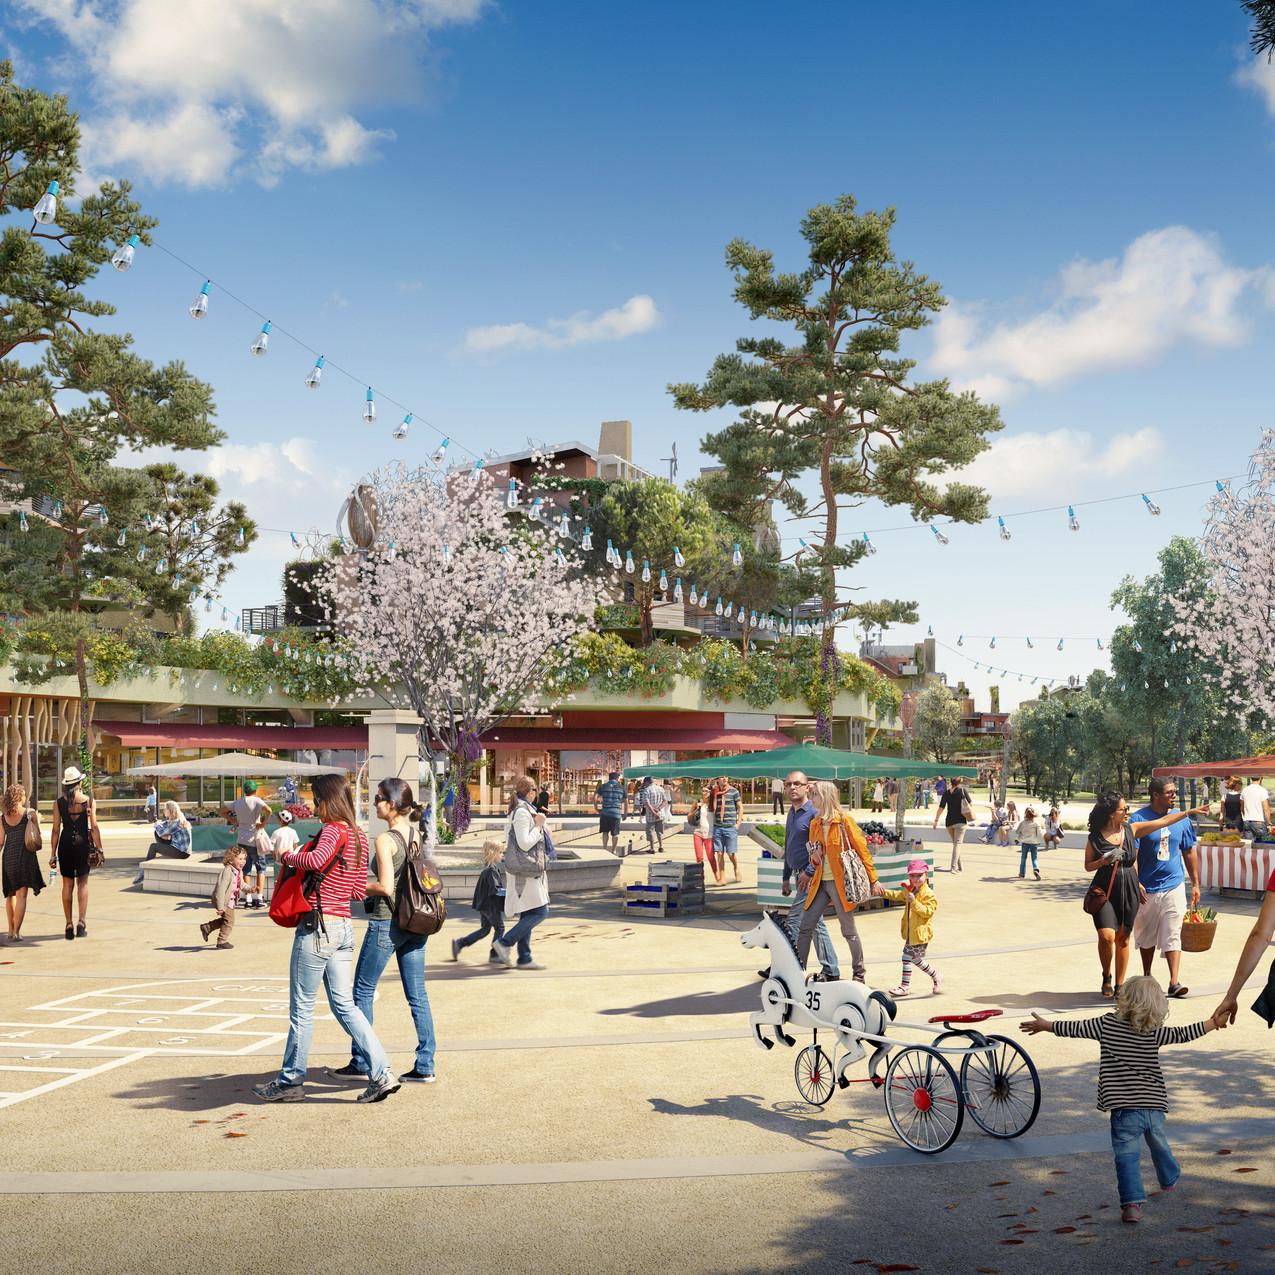 La_place_du_marché_sur_la_Promenade_du_lac_HD